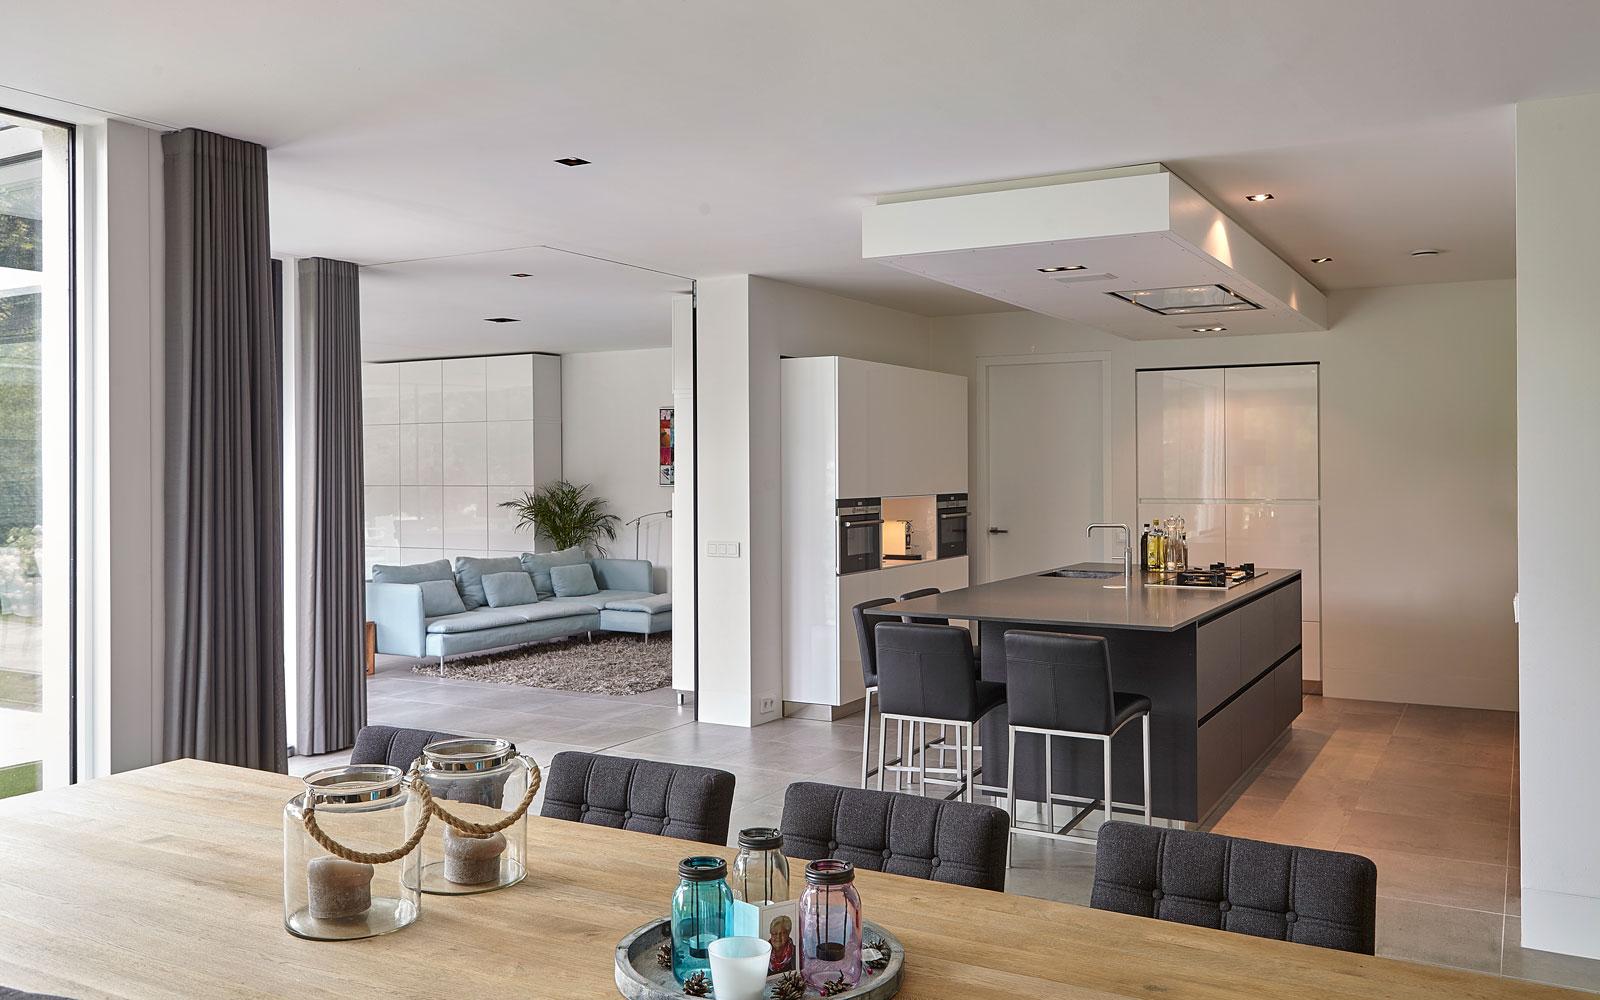 Keuken en living, gordijnen van Caspar Dekkers, eiken houten eettafel, doorkijkhaard